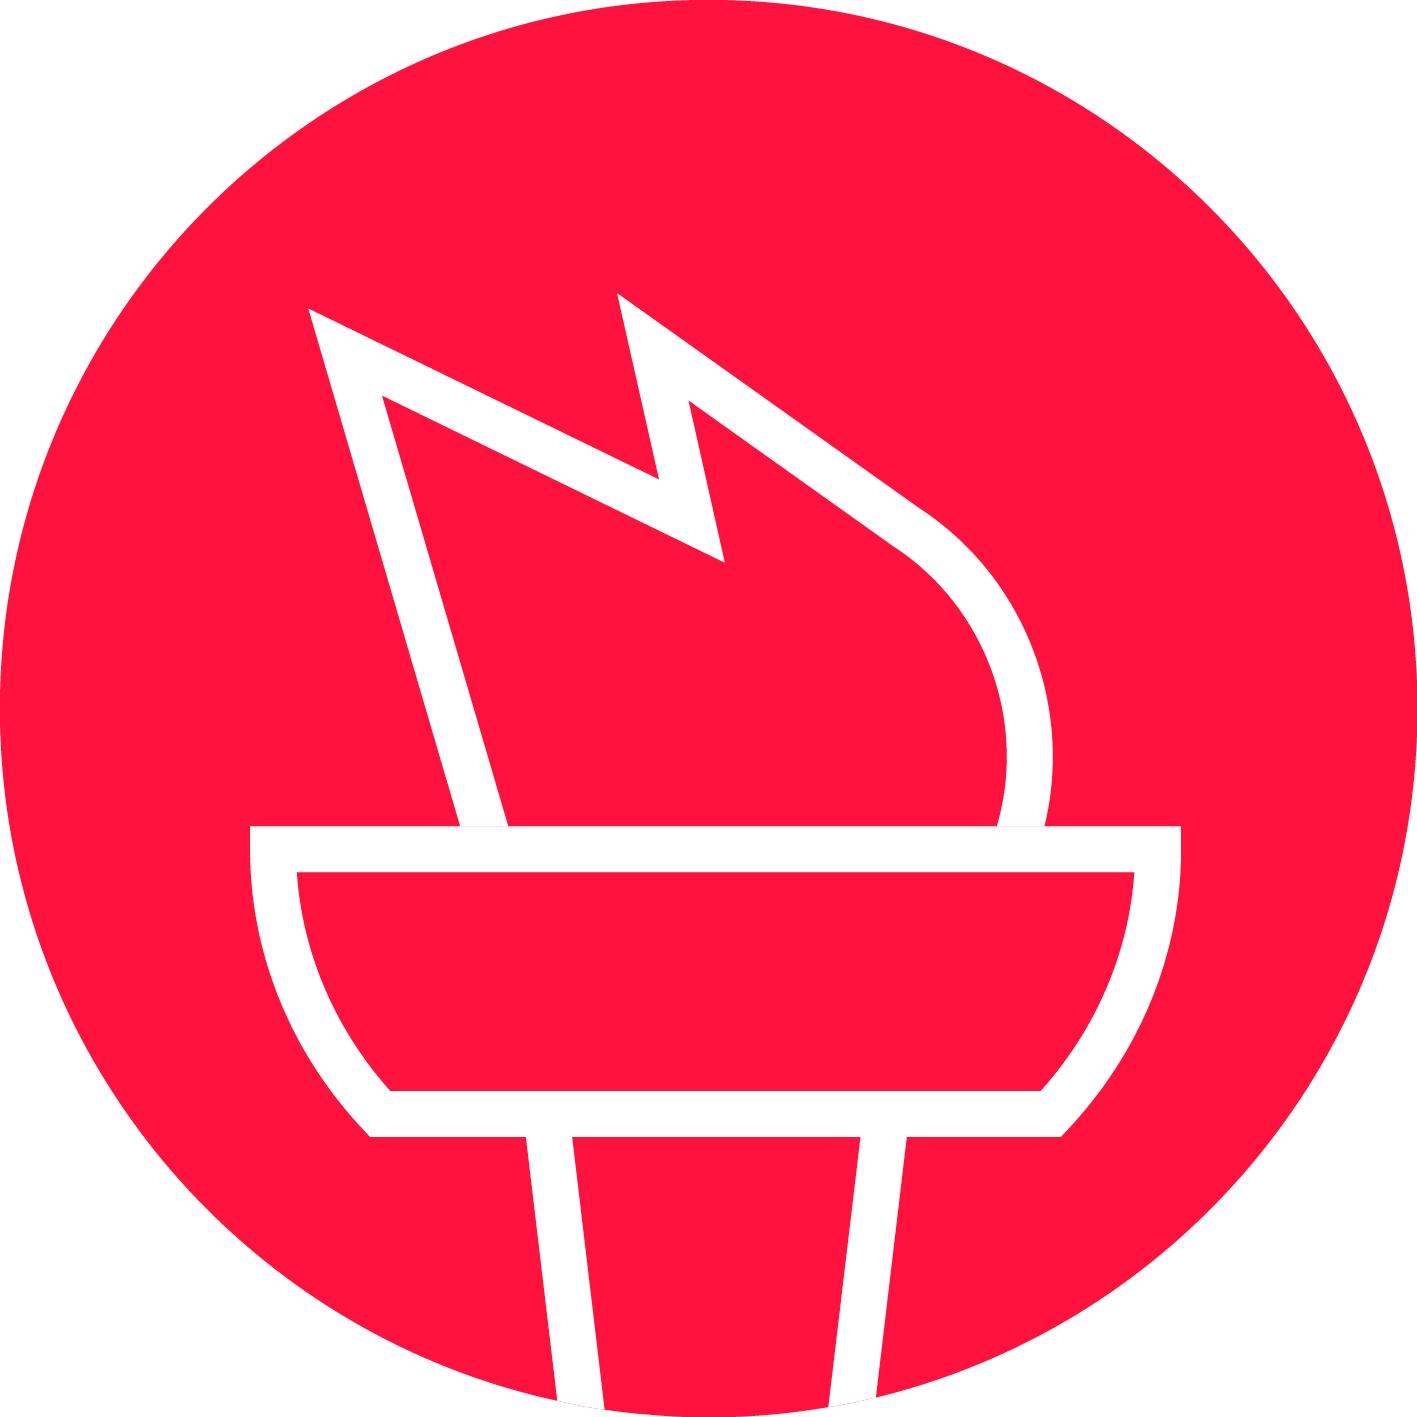 Liberty Fitting Service Ltd Verified Logo